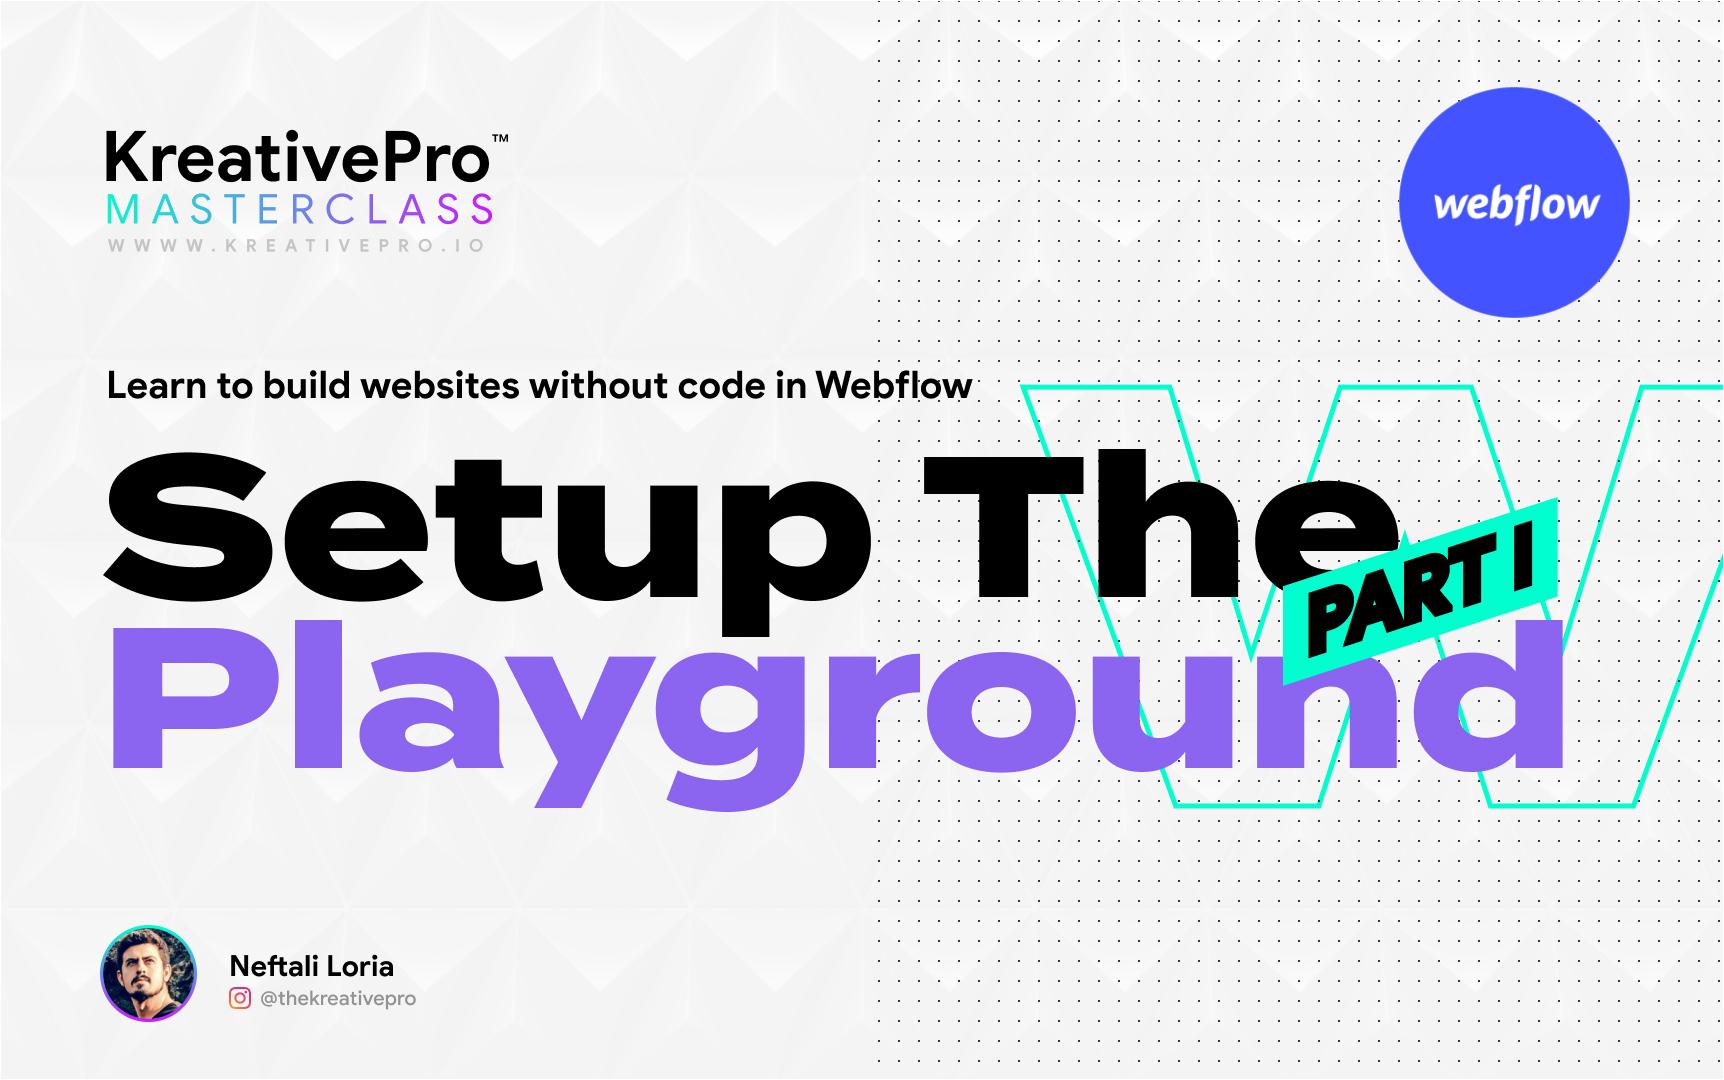 Webflow 2.7 - Playground Part I